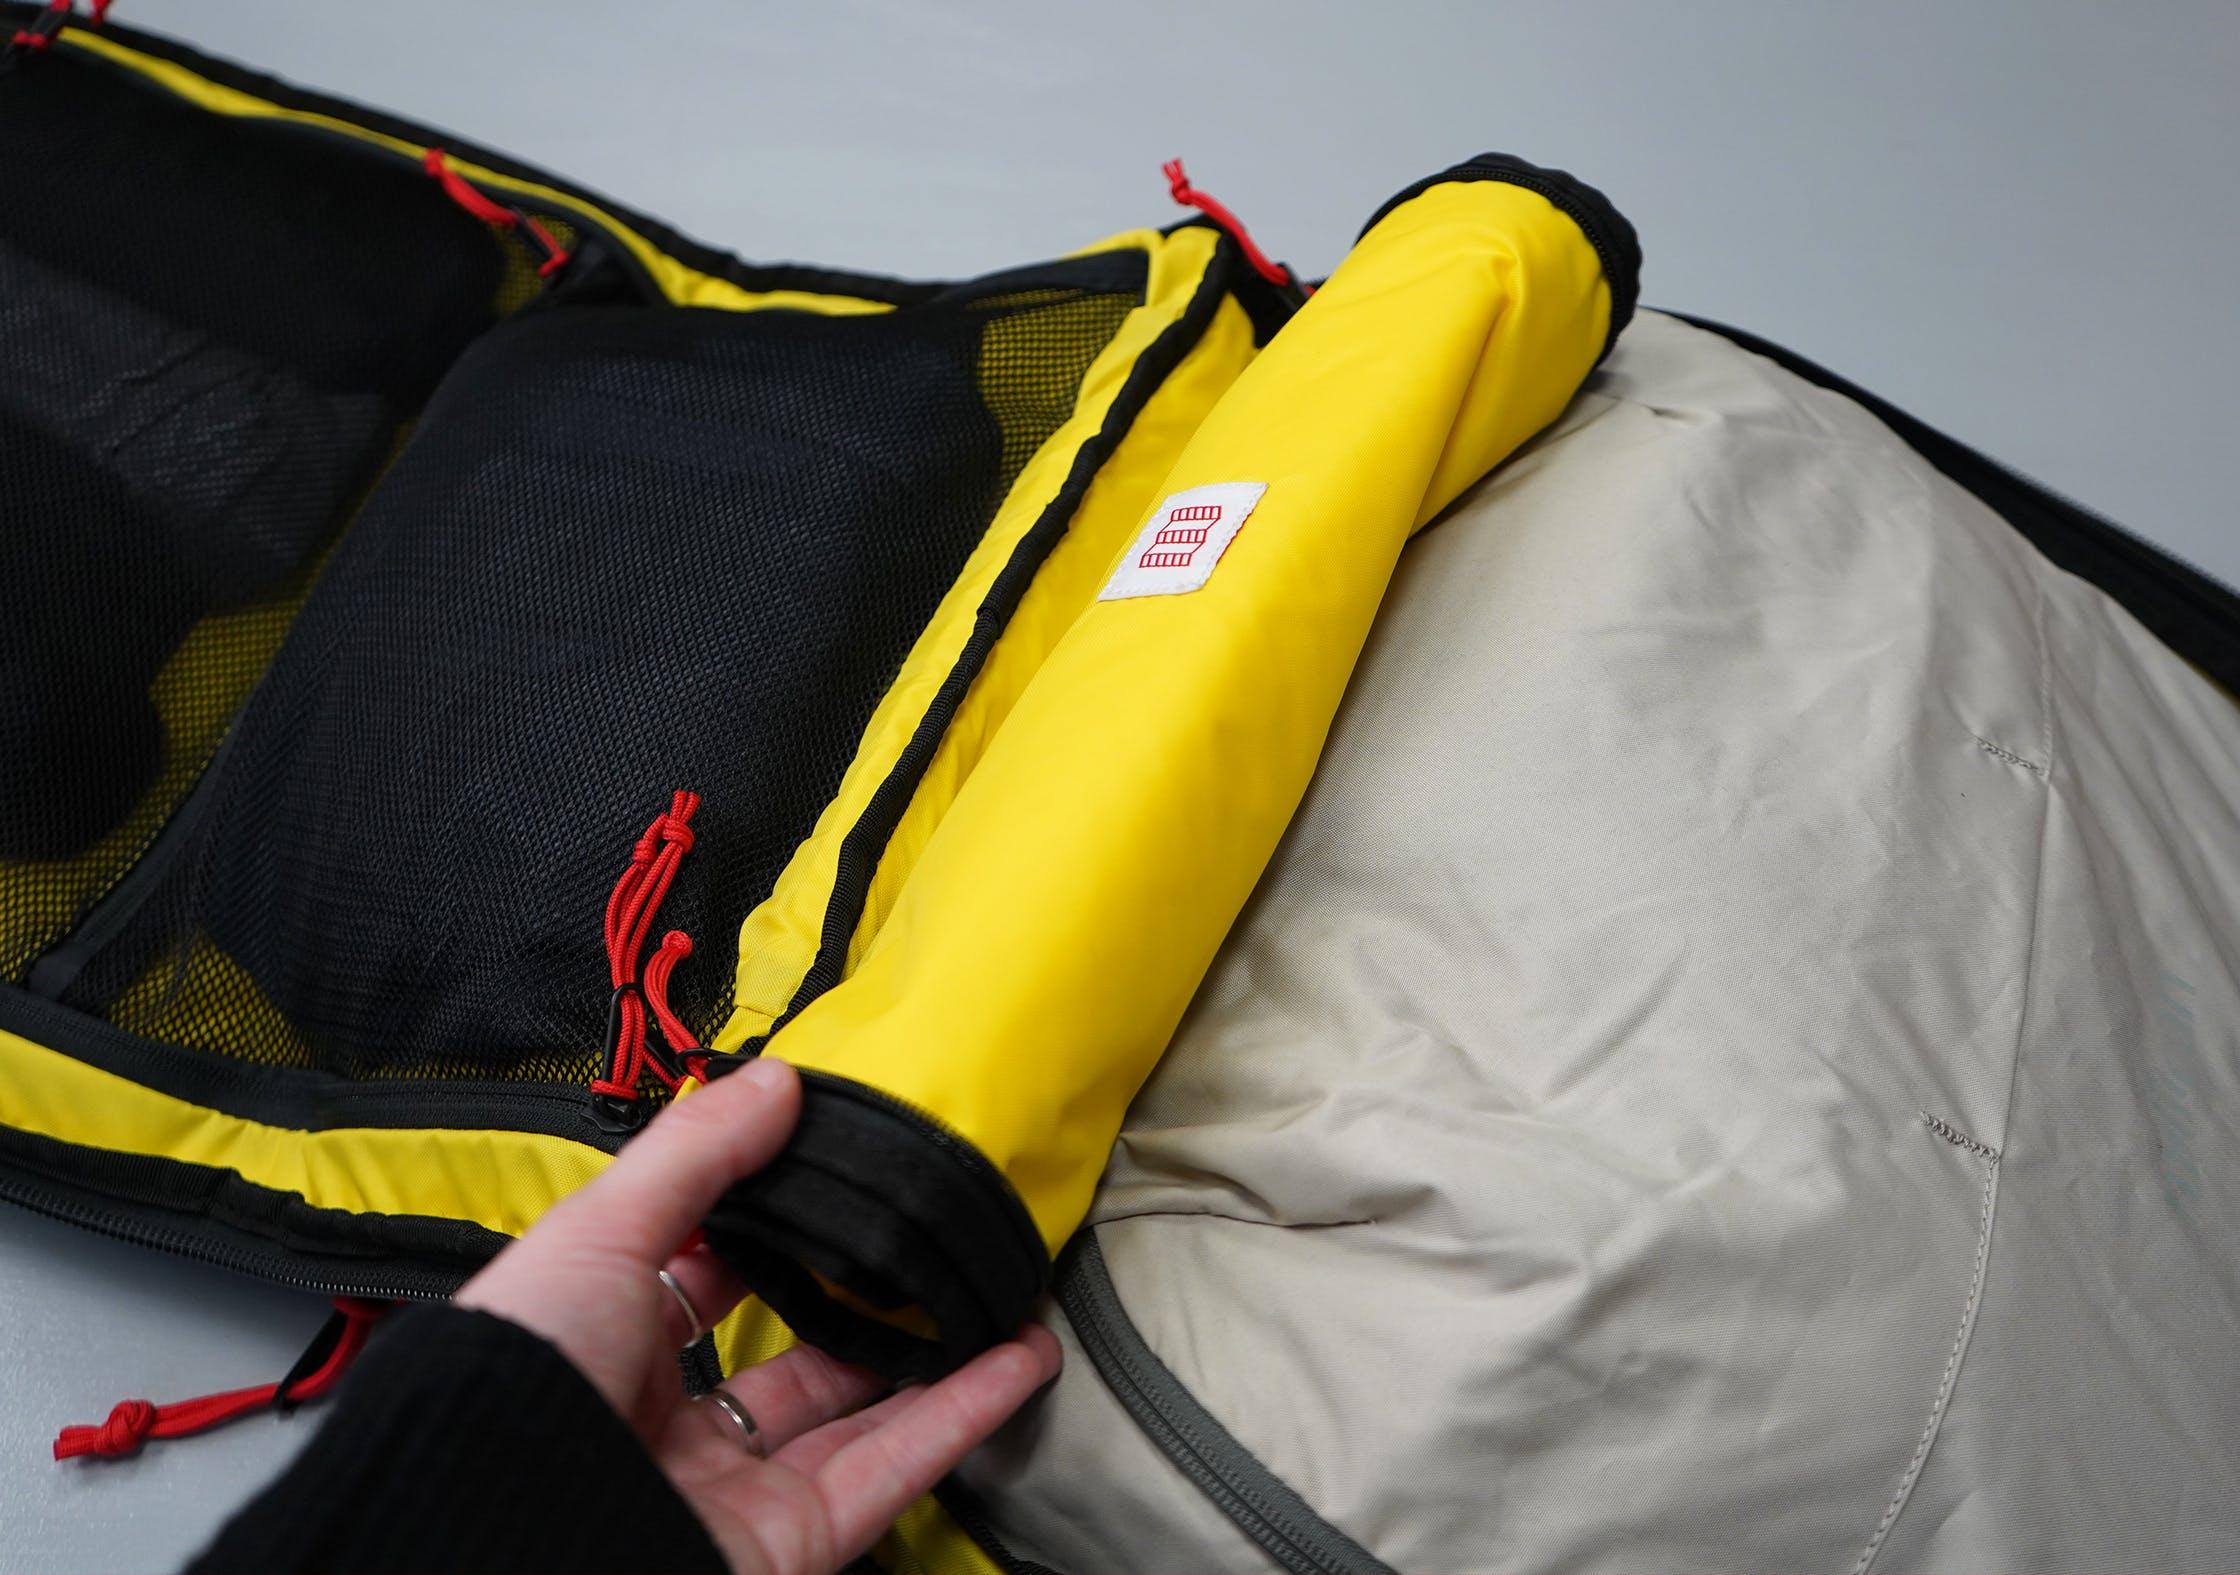 Topo Designs Travel Bag 40L Rolled Up Divider